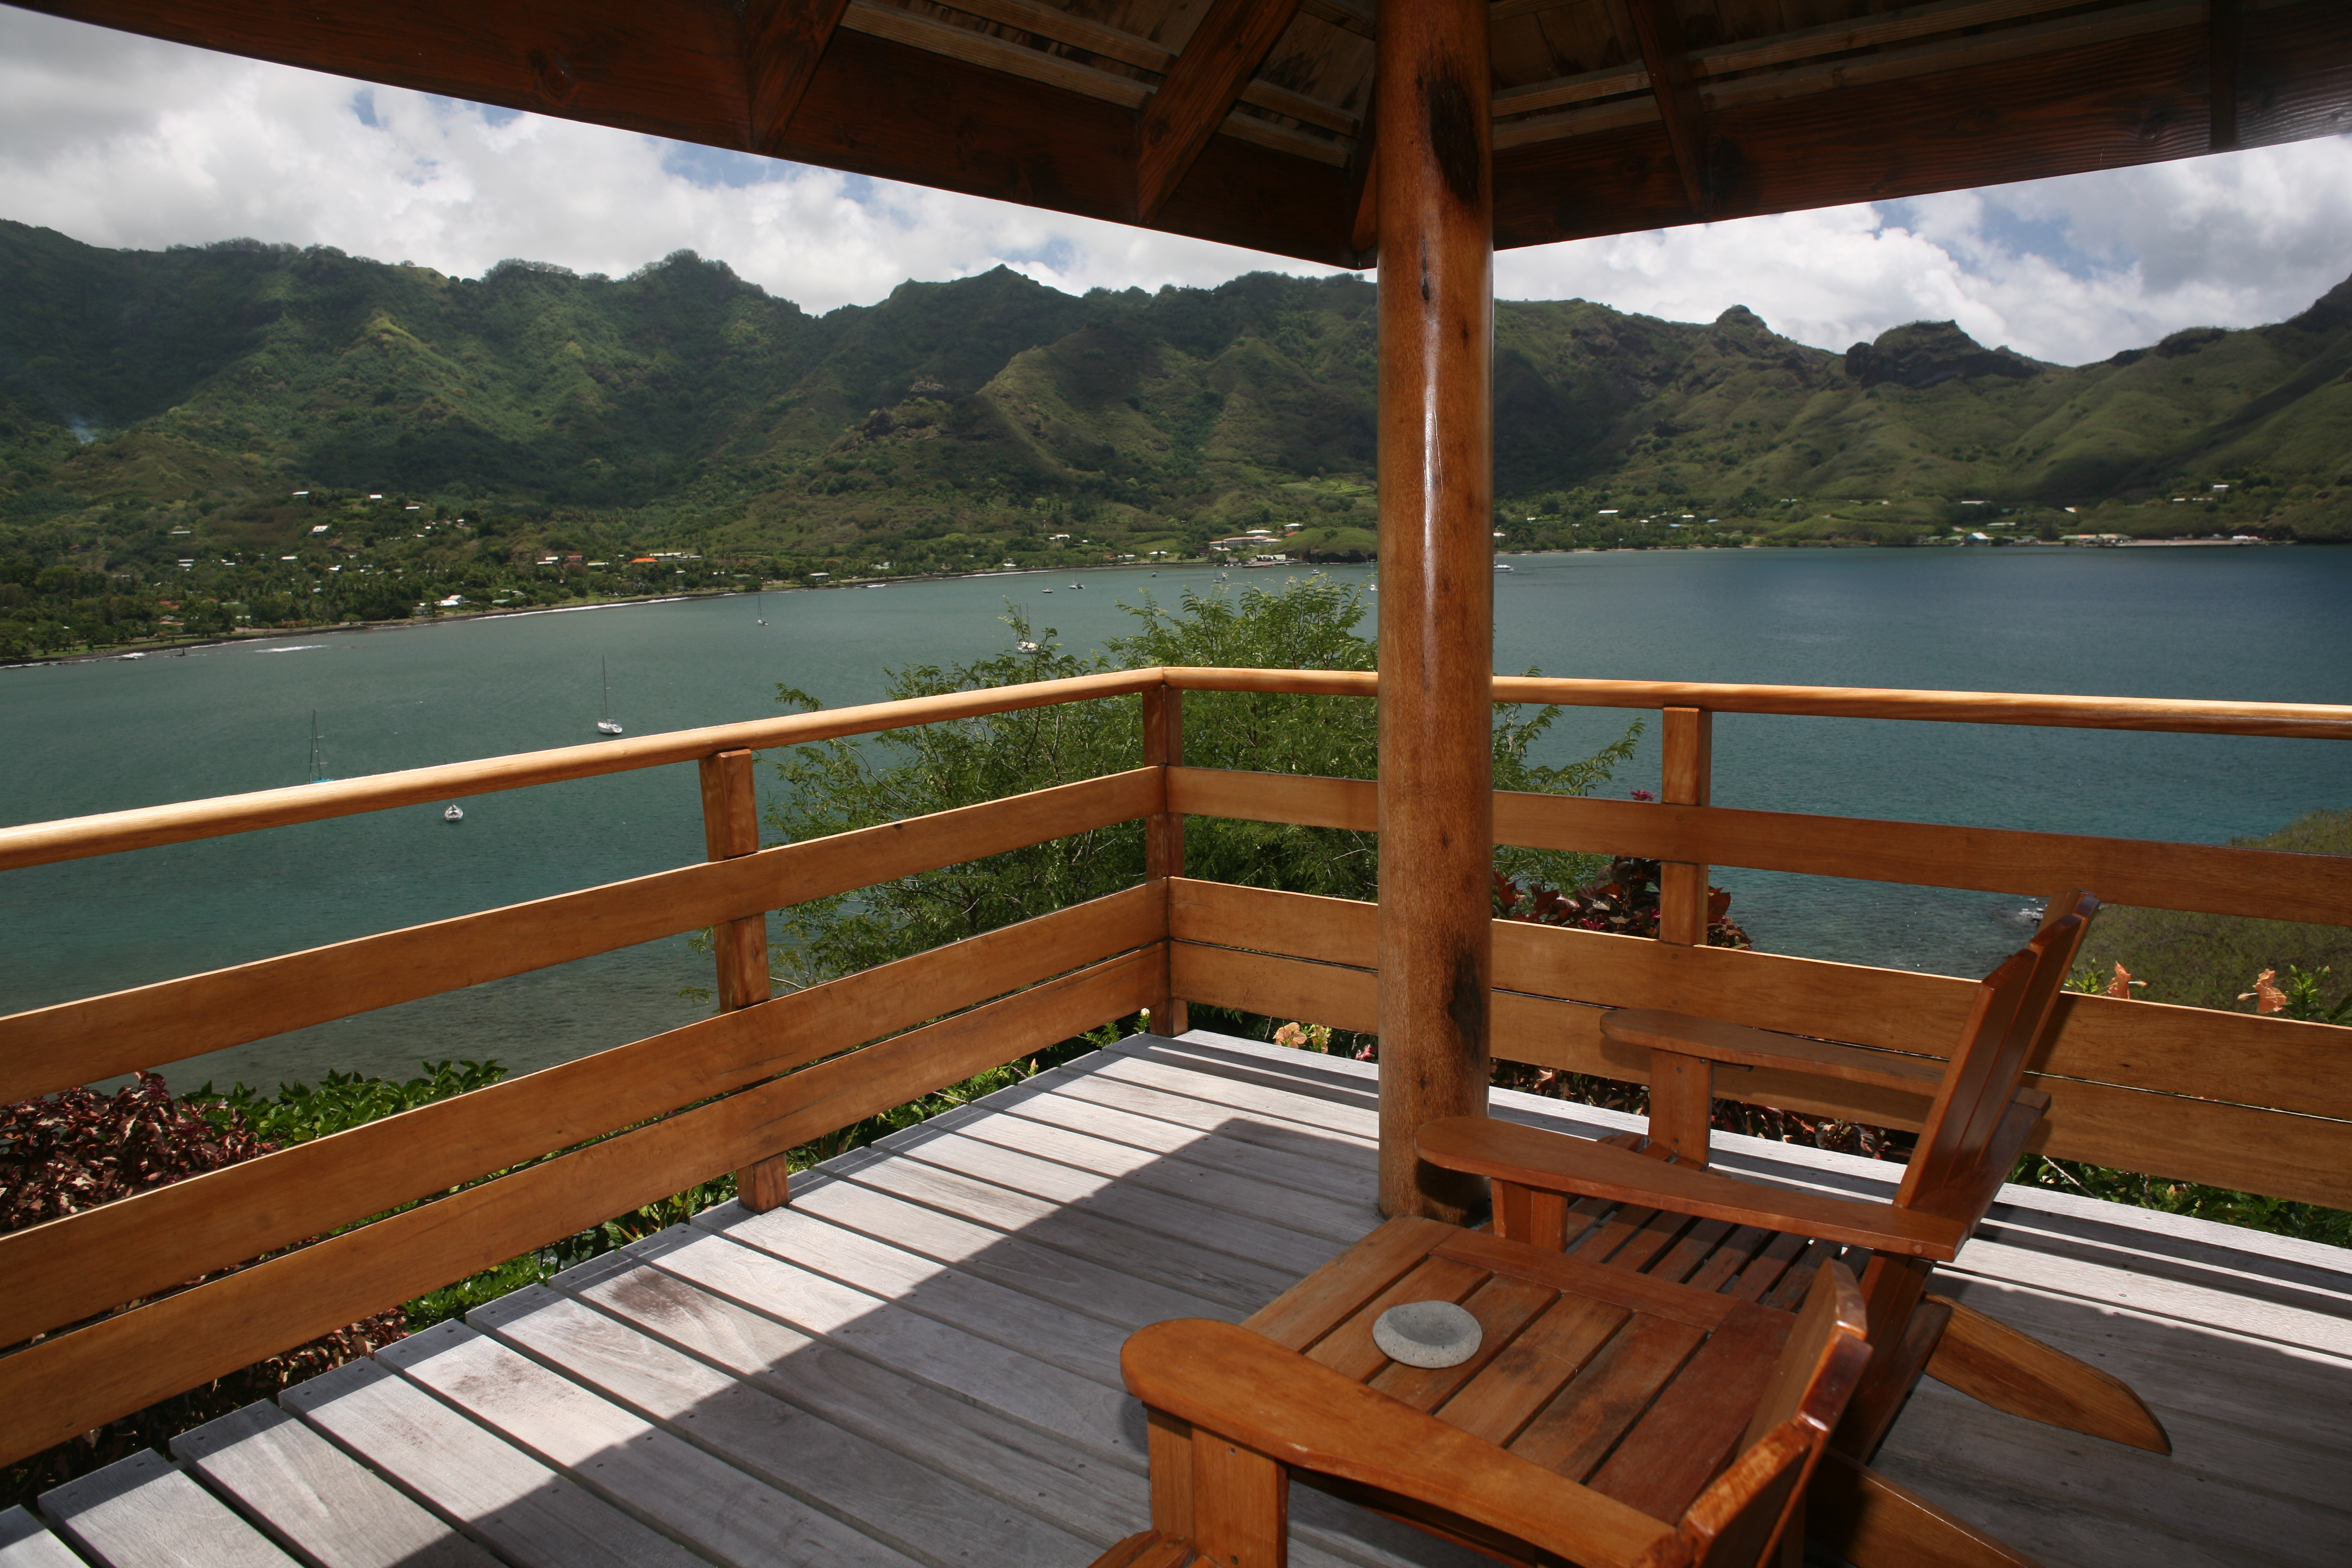 La vue sur la baie de Taiohae, depuis la terrasse de l'un des bungalows du Nuku Hiva Keikahanui Pearl Lodge.